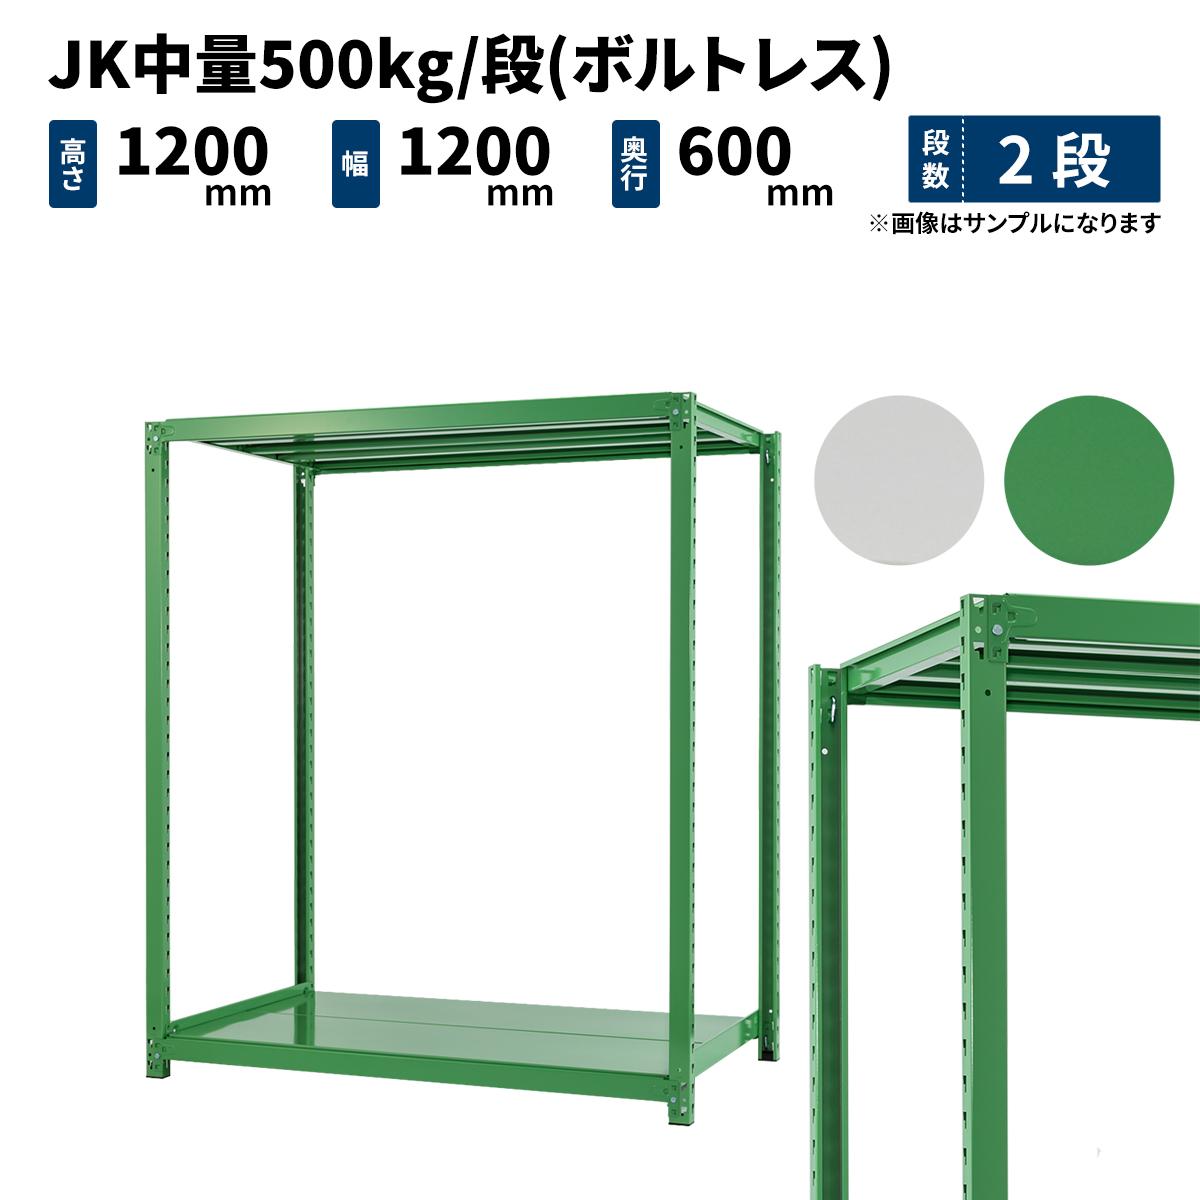 スチールラック 業務用 JK中量500kg/段(ボルトレス) 単体形式 高さ1200×幅1200×奥行600mm 2段 ホワイトグレー/グリーン (39kg) JK500_T-121206-2